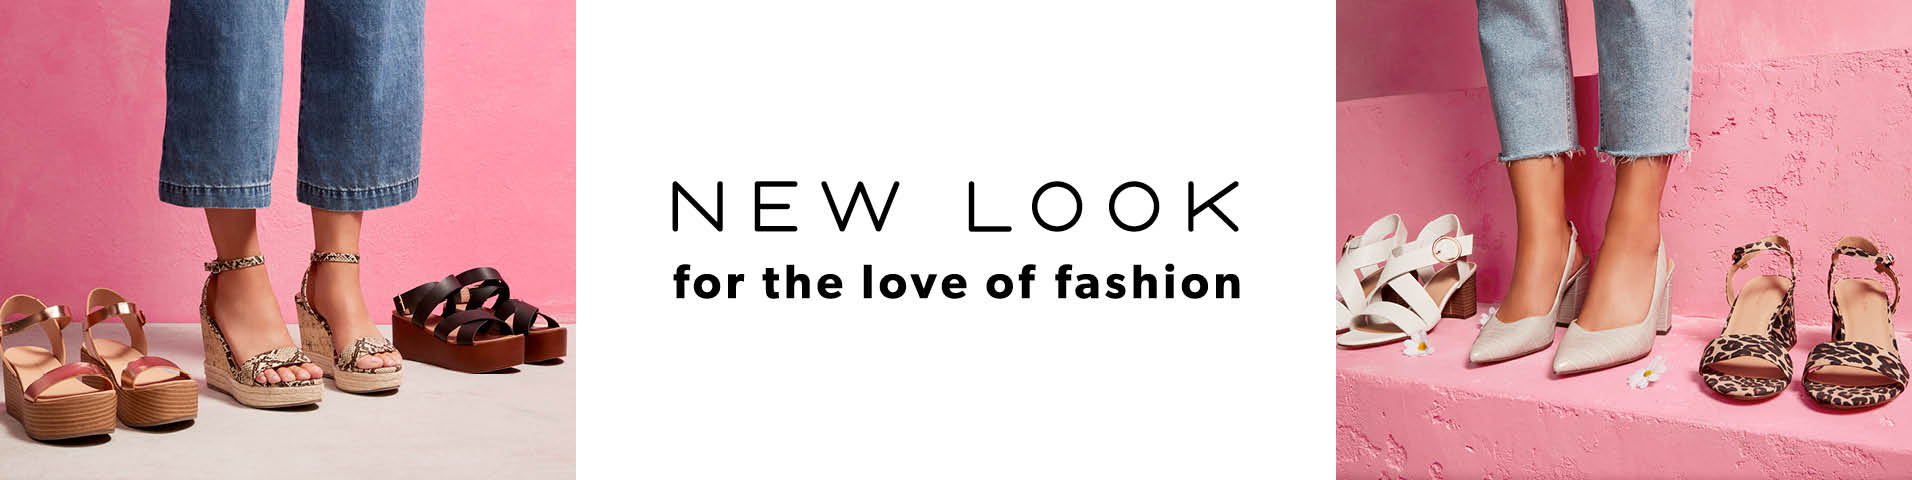 New Look Stiefel Grau jetzt versandkostenfrei bestellen